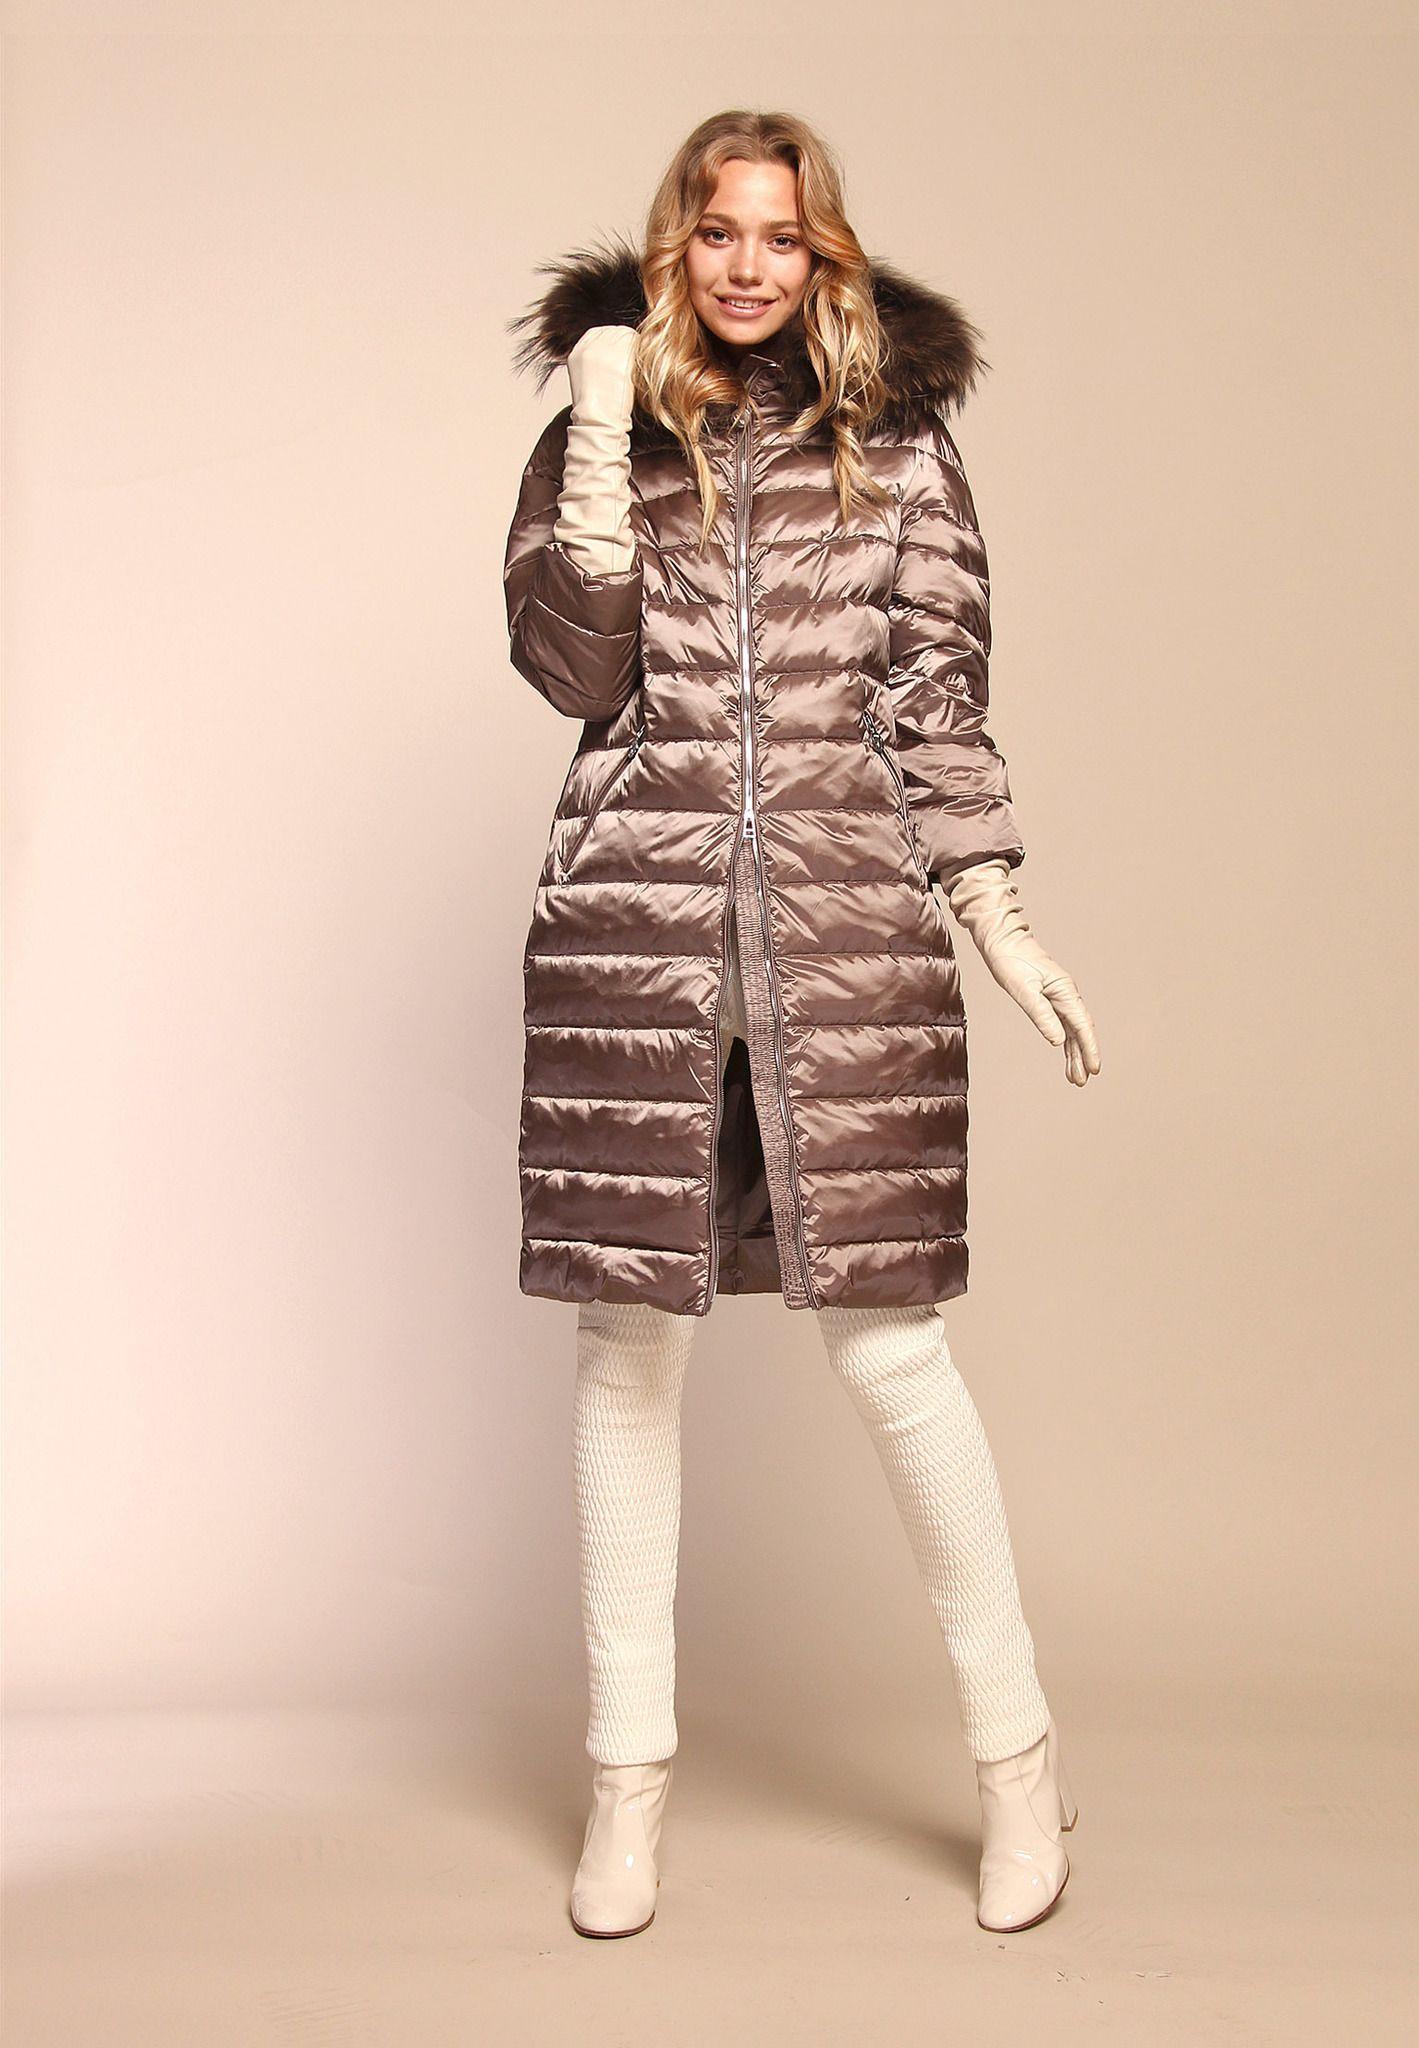 56fe660fc72 nice Стильные женские зимние пальто на синтепоне с капюшоном — Обзор  актуальных моделей зимы 2017-2018 года